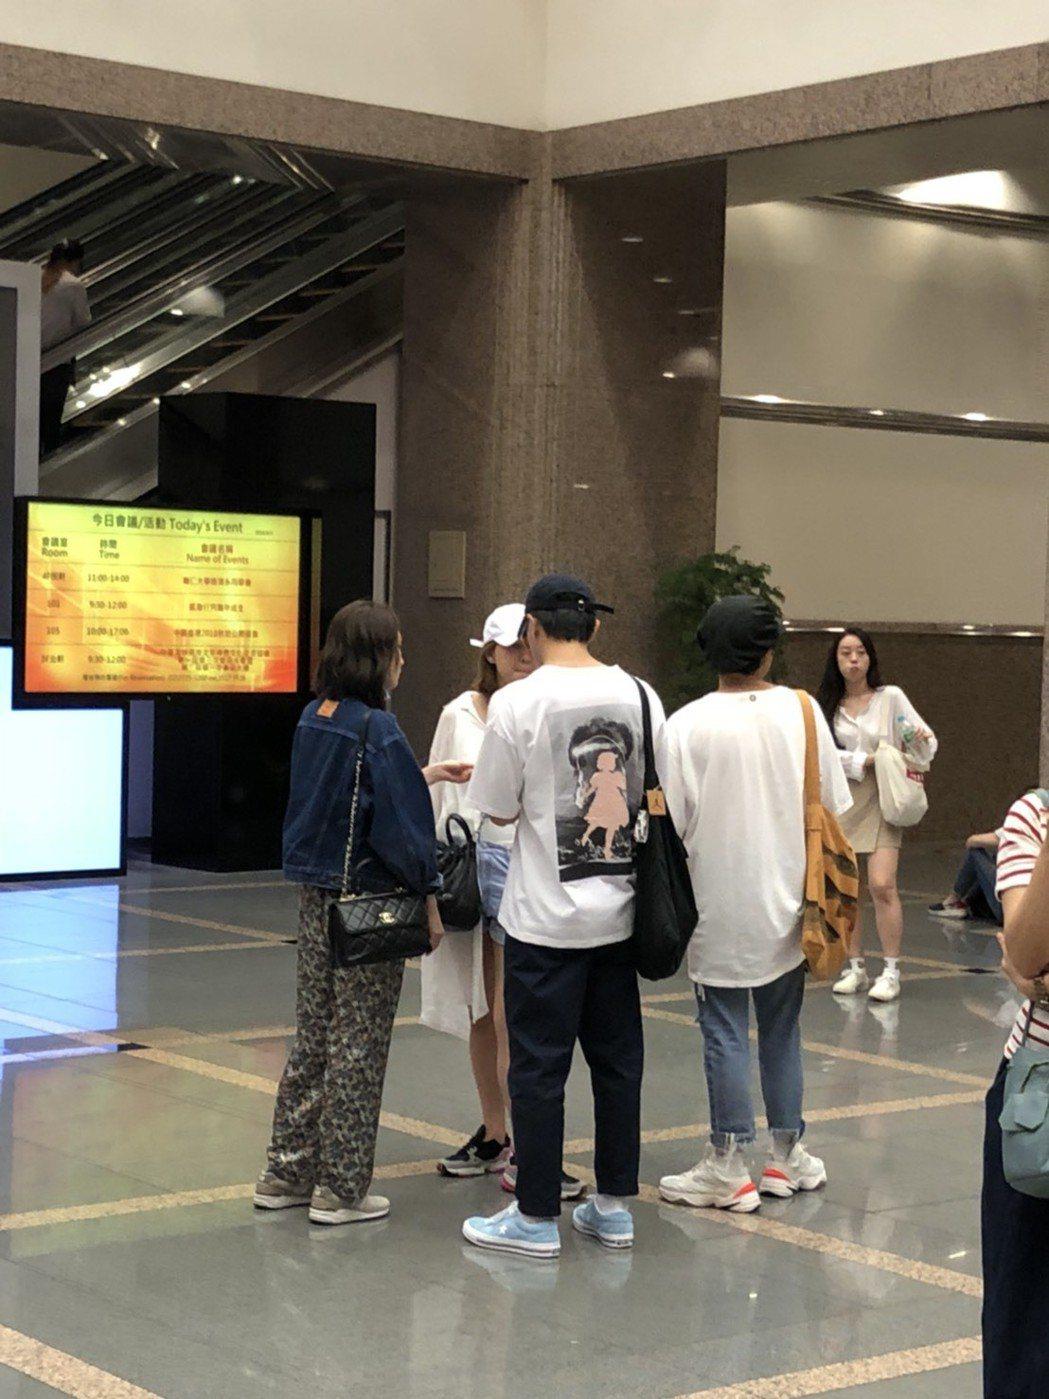 柯佳嬿和坤達在會場大廳集合。圖/讀者提供